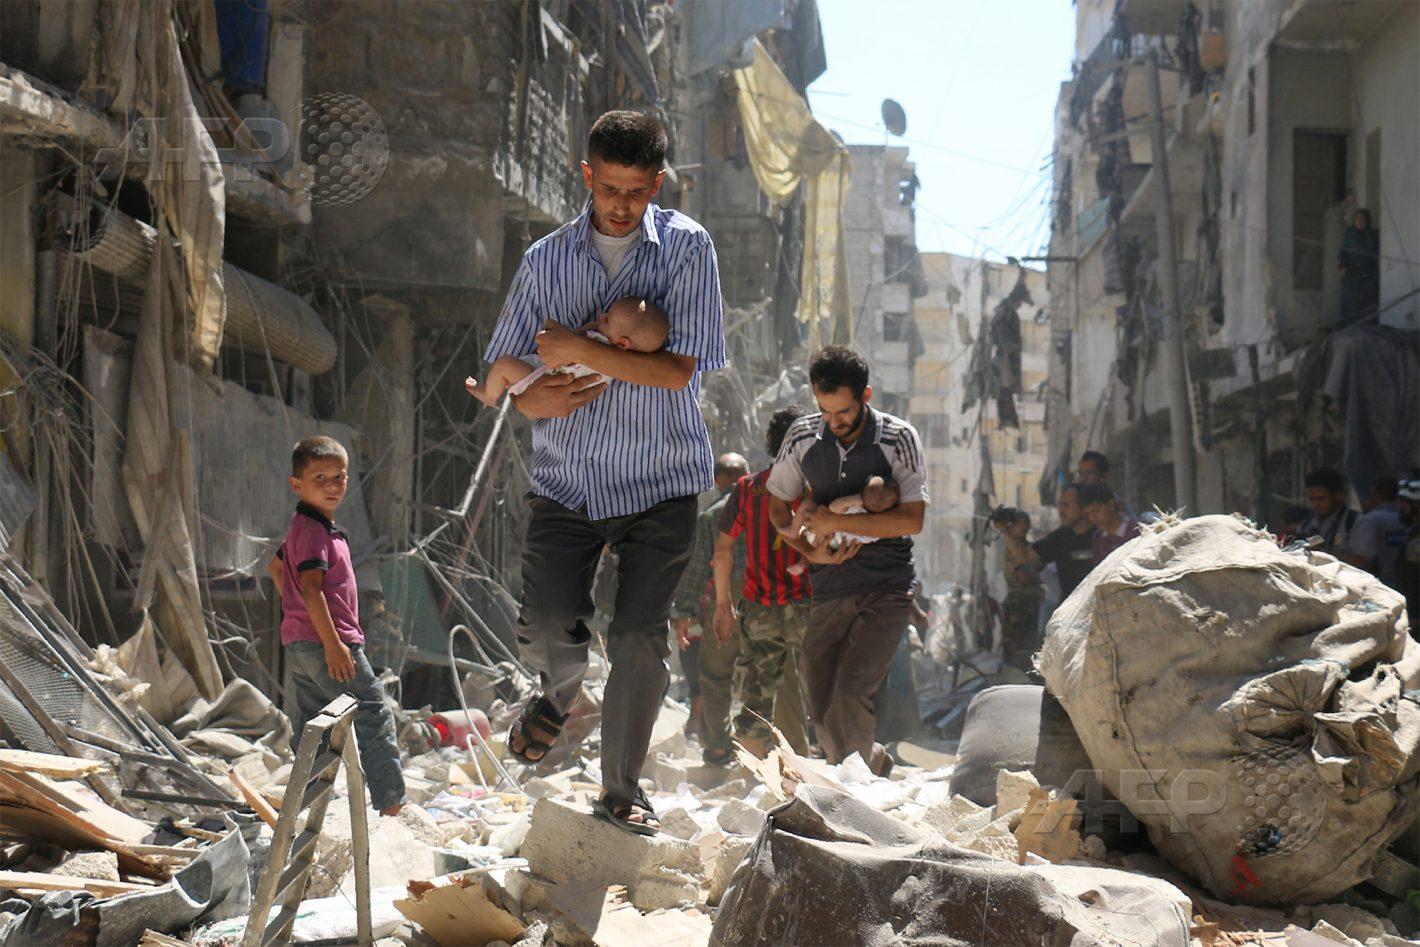 AFP 17 / SYRIE 9 juin 2016 - Alep, Syrie - Des casques blancs et des habitants évacuent des résidents dont l'immeuble a été touché par une attaque aux barils d'explosifs des forces du régime sur le quartier Al-Fardous tenu par les rebelles. AFP / AMEER ALHALBI